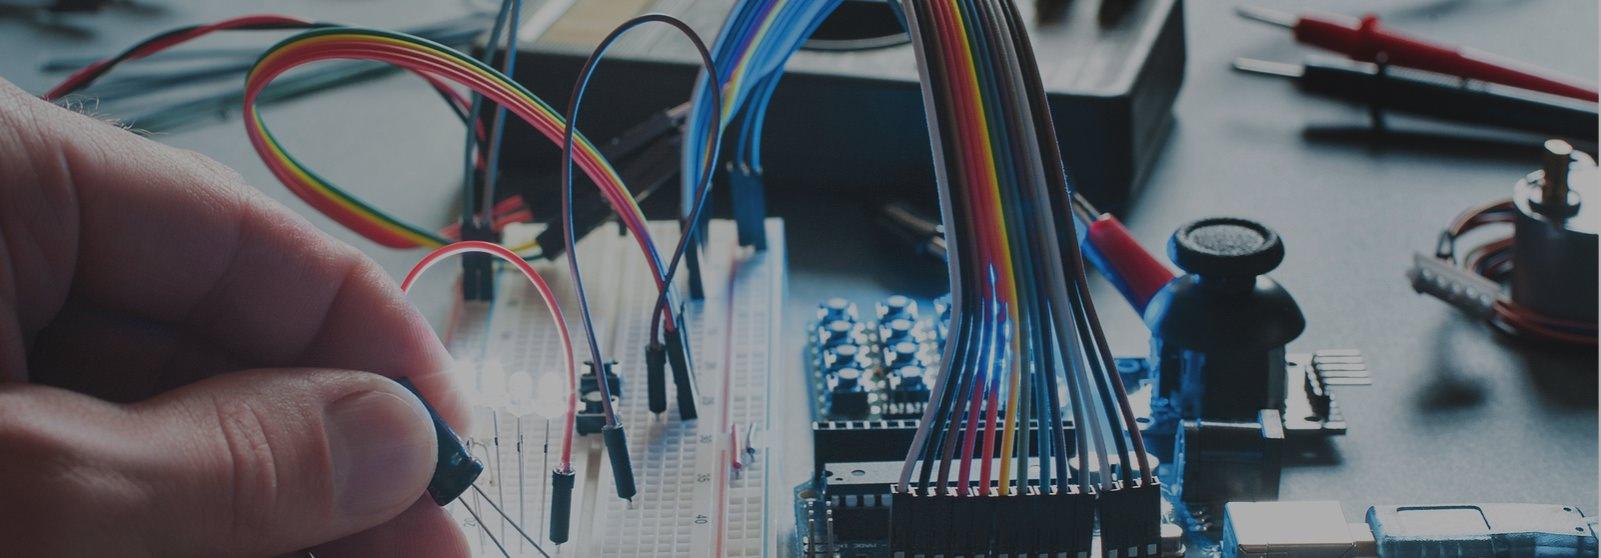 UDL Hardware Engineering for Startups